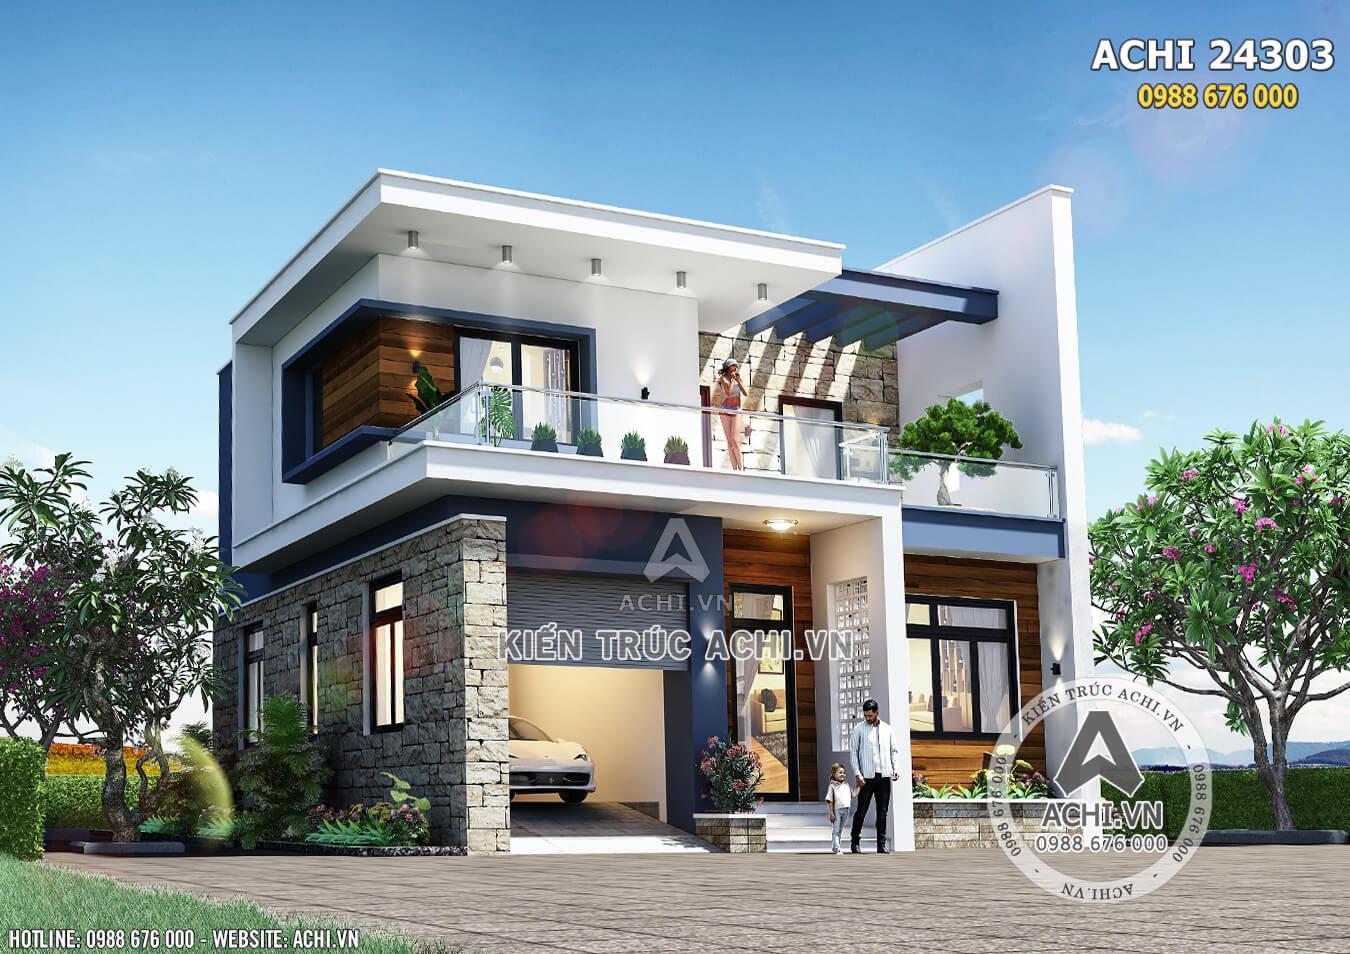 Hình ảnh: Mẫu nhà 2 tầng đơn giản hiện đại 600 triệu đồng – Mã số: ACHI 24303